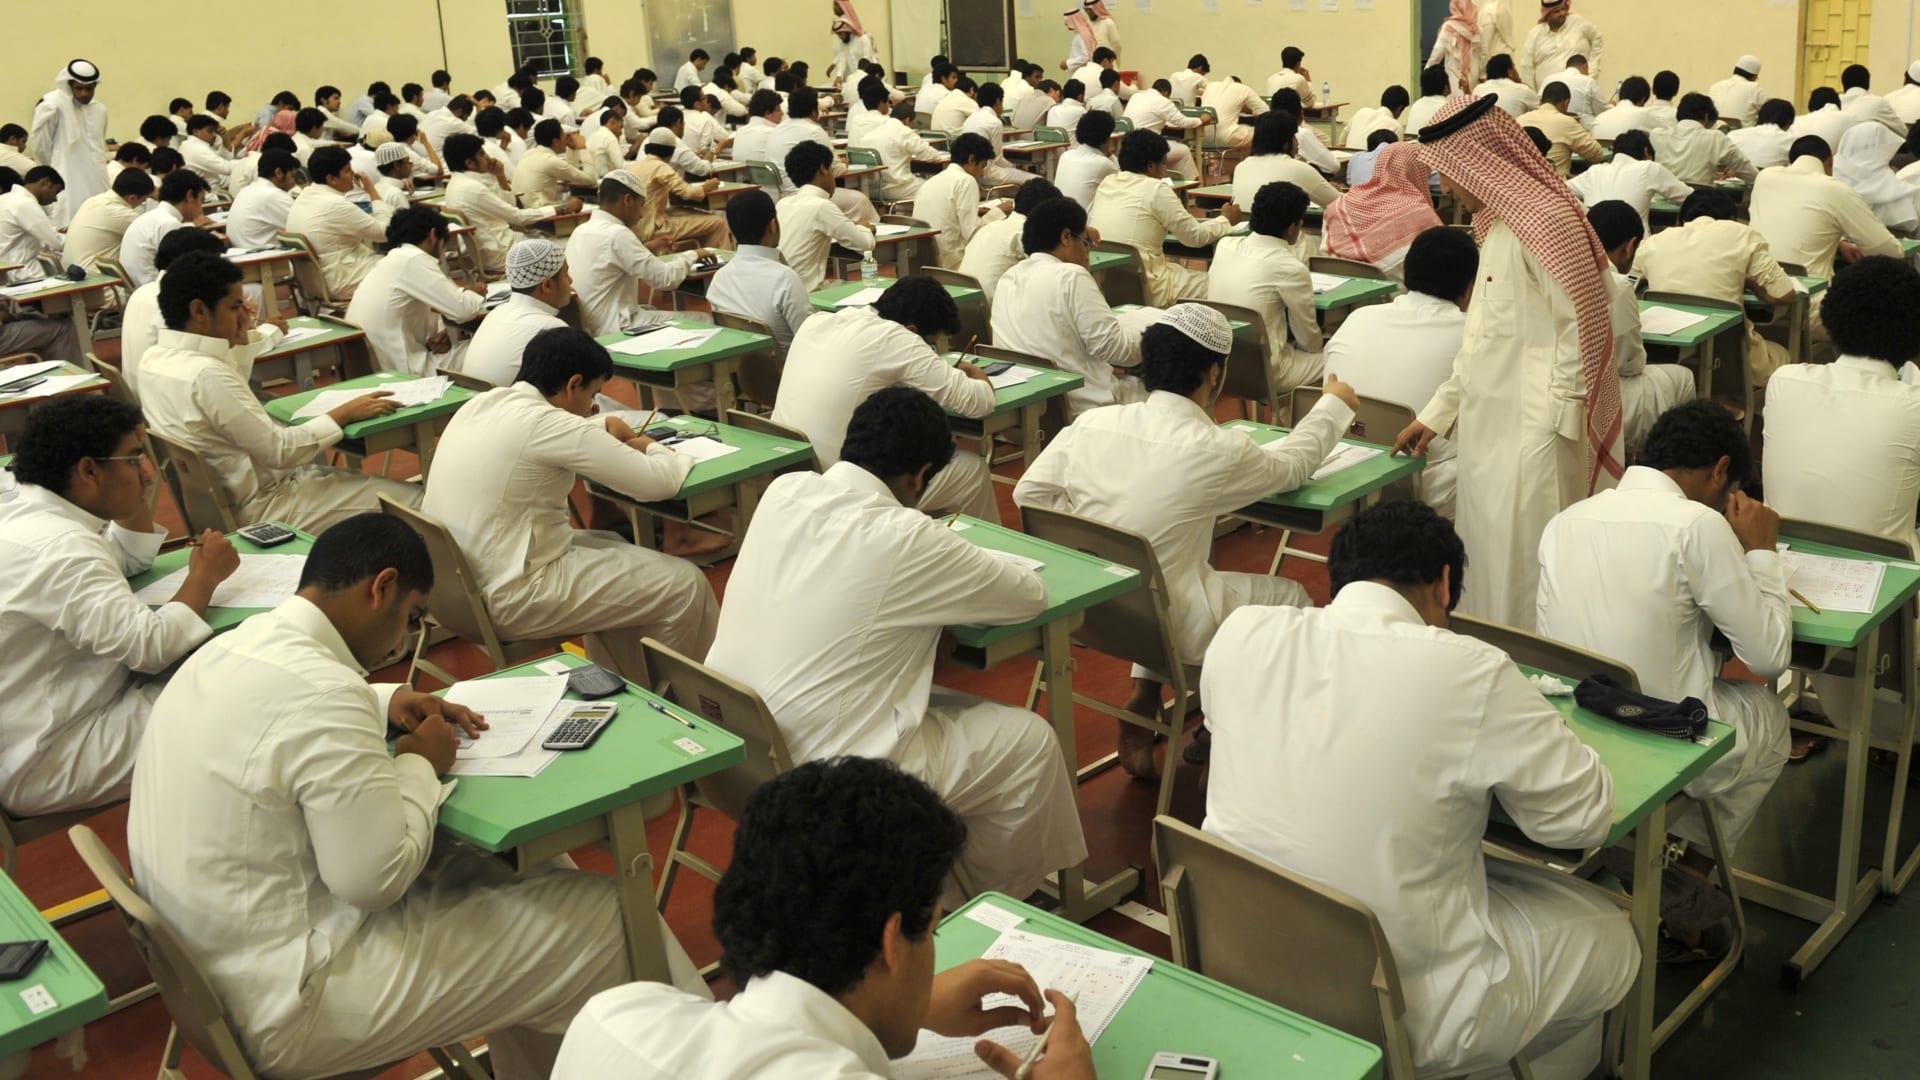 صورة أرشيفية من داخل مدرسة في جدة